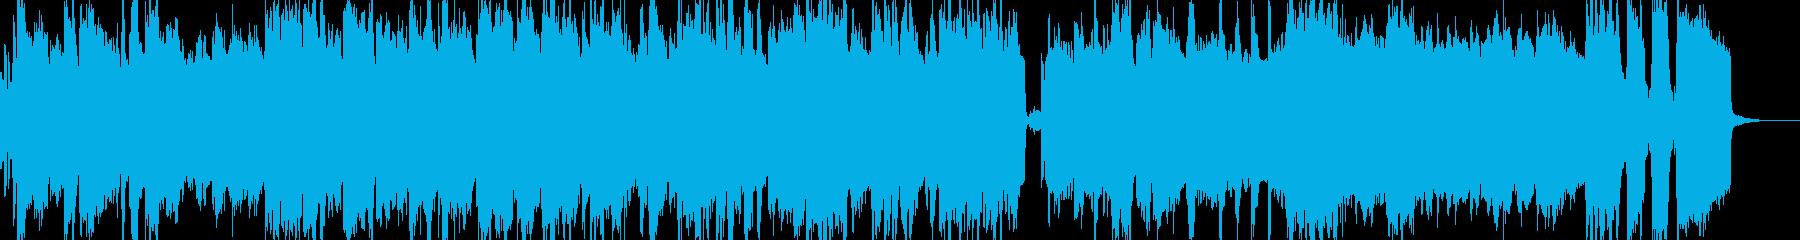 エレピとファンクなドラムのJAZZの再生済みの波形